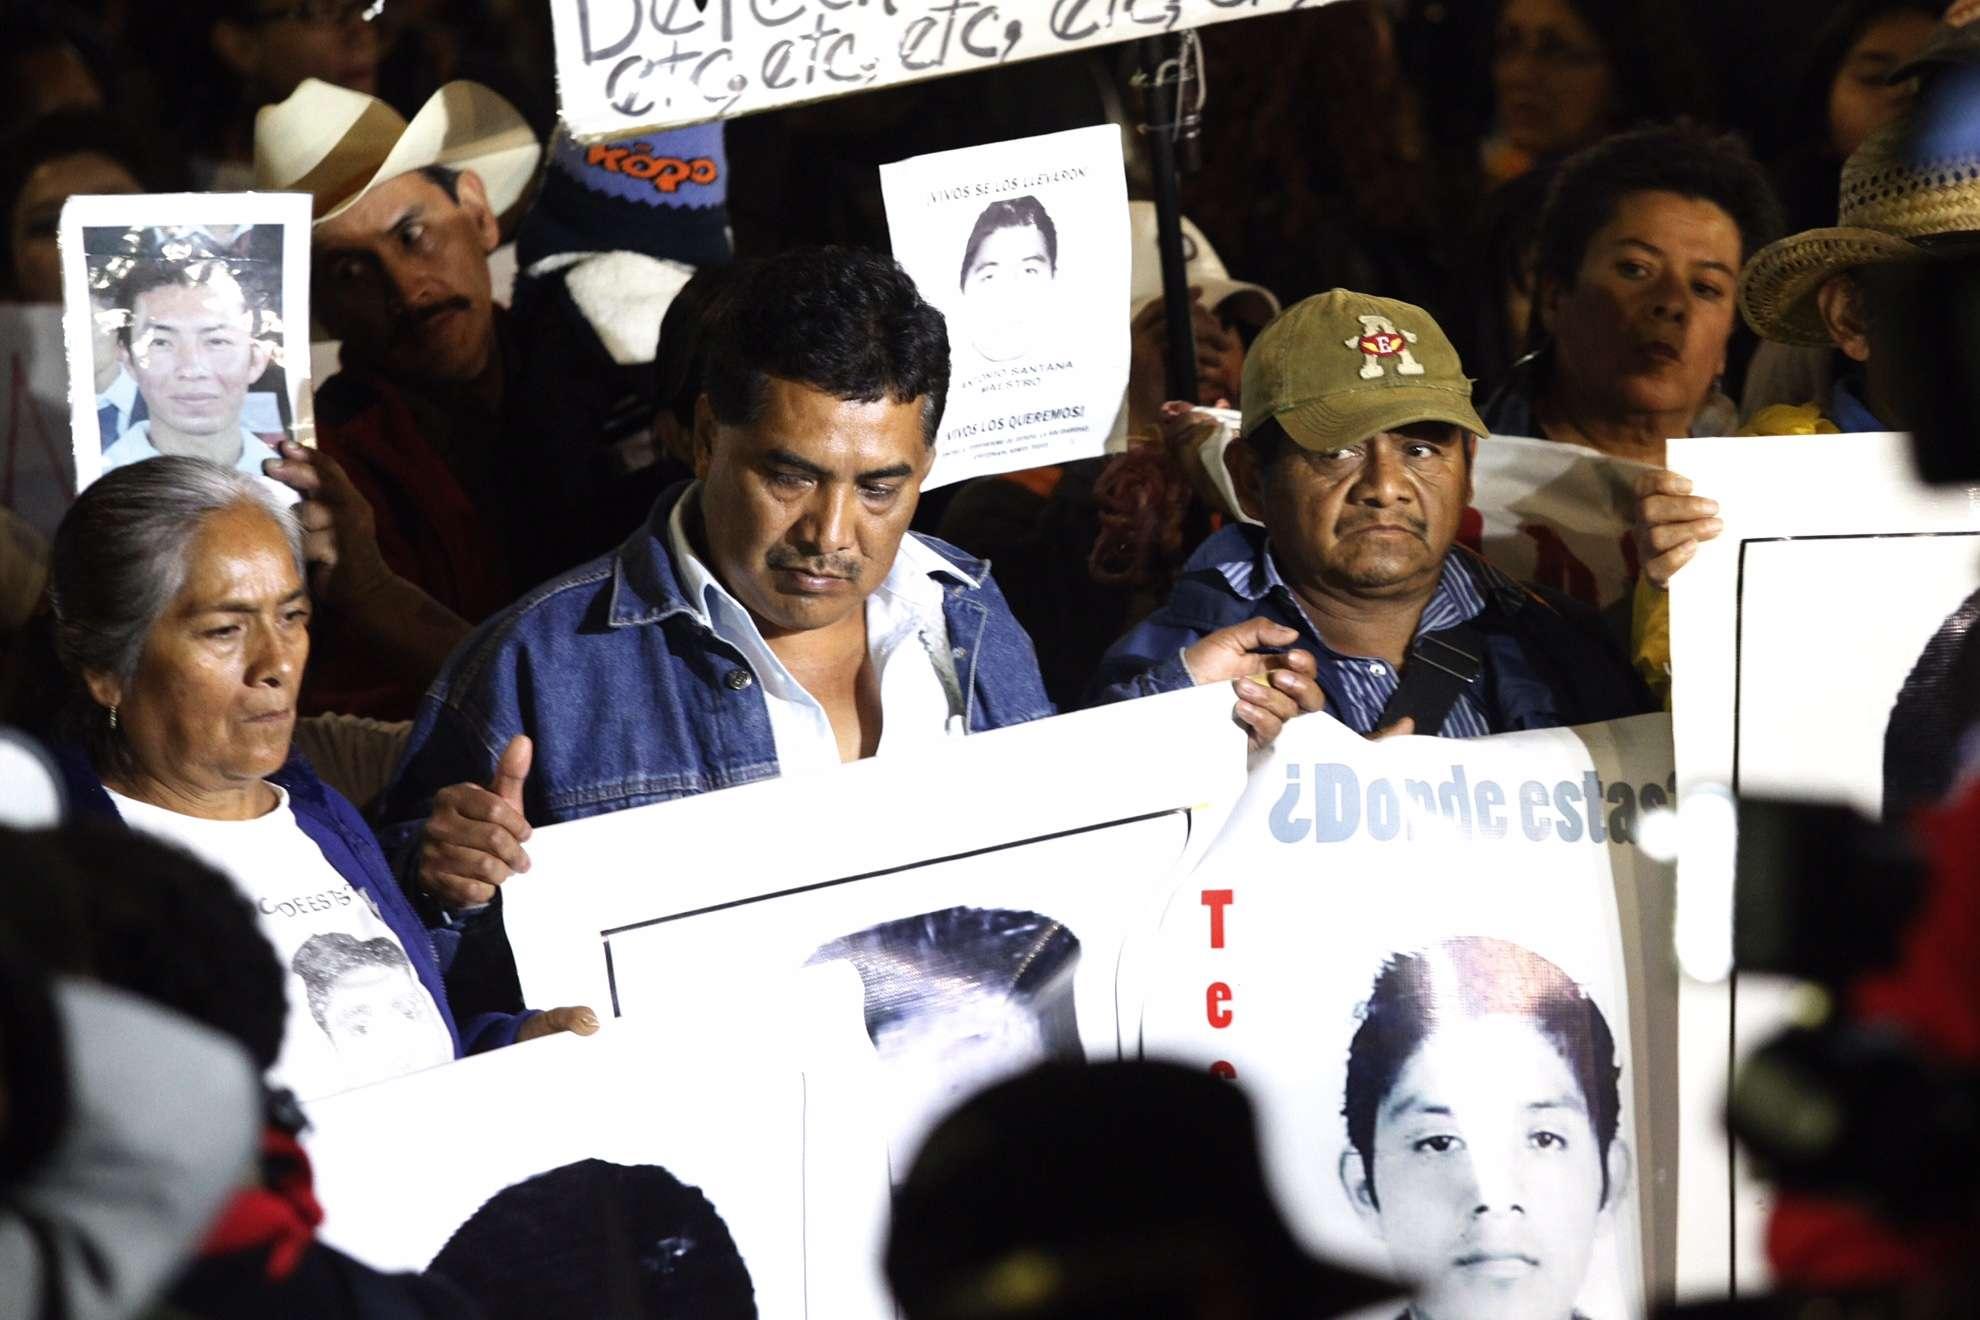 Pese a llegar sólo a las cercanías de la Residencia Oficial de Los Pinos, y no a su exterior, padres de los normalistas de Ayotzinapa desaparecidos realizan un mitin para exigir el retorno de sus hijos. La marcha, que salió a las 19:00 horas de la sede de la PGR, se realizó sin contratiempos sobre Reforma, Florencia, Chapultepec y finalmente Constituyentes. En esta última vialidad, granaderos del DF equipados con cascos, escudos y chalecos antibalas, frenaron el avance de la movilización. Foto: Mario Castillo/Terra